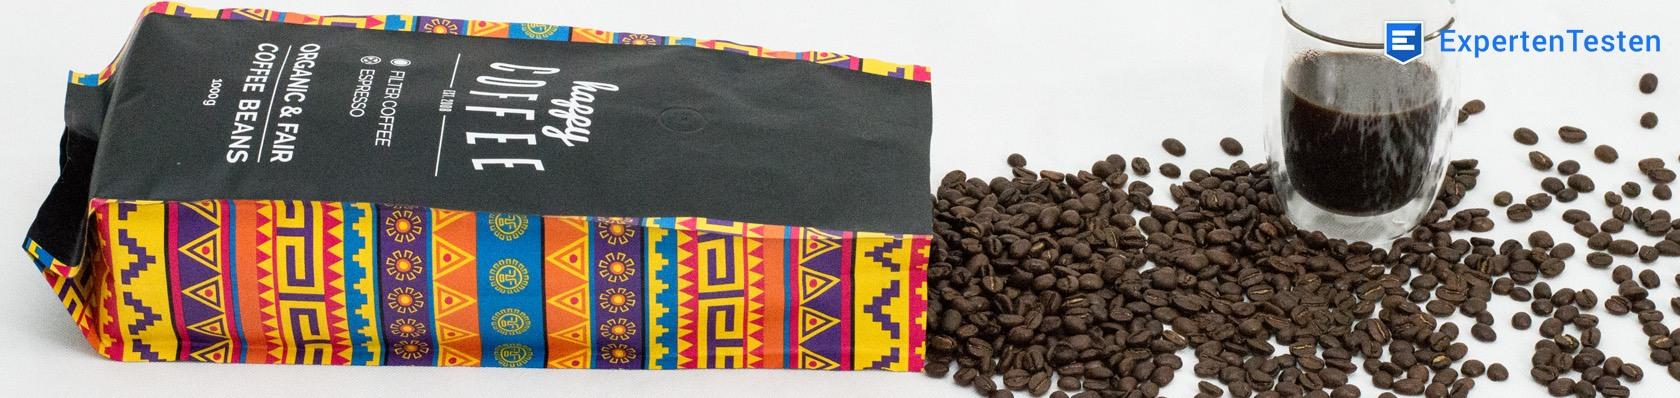 Kaffeebohnen im Test auf ExpertenTesten.de